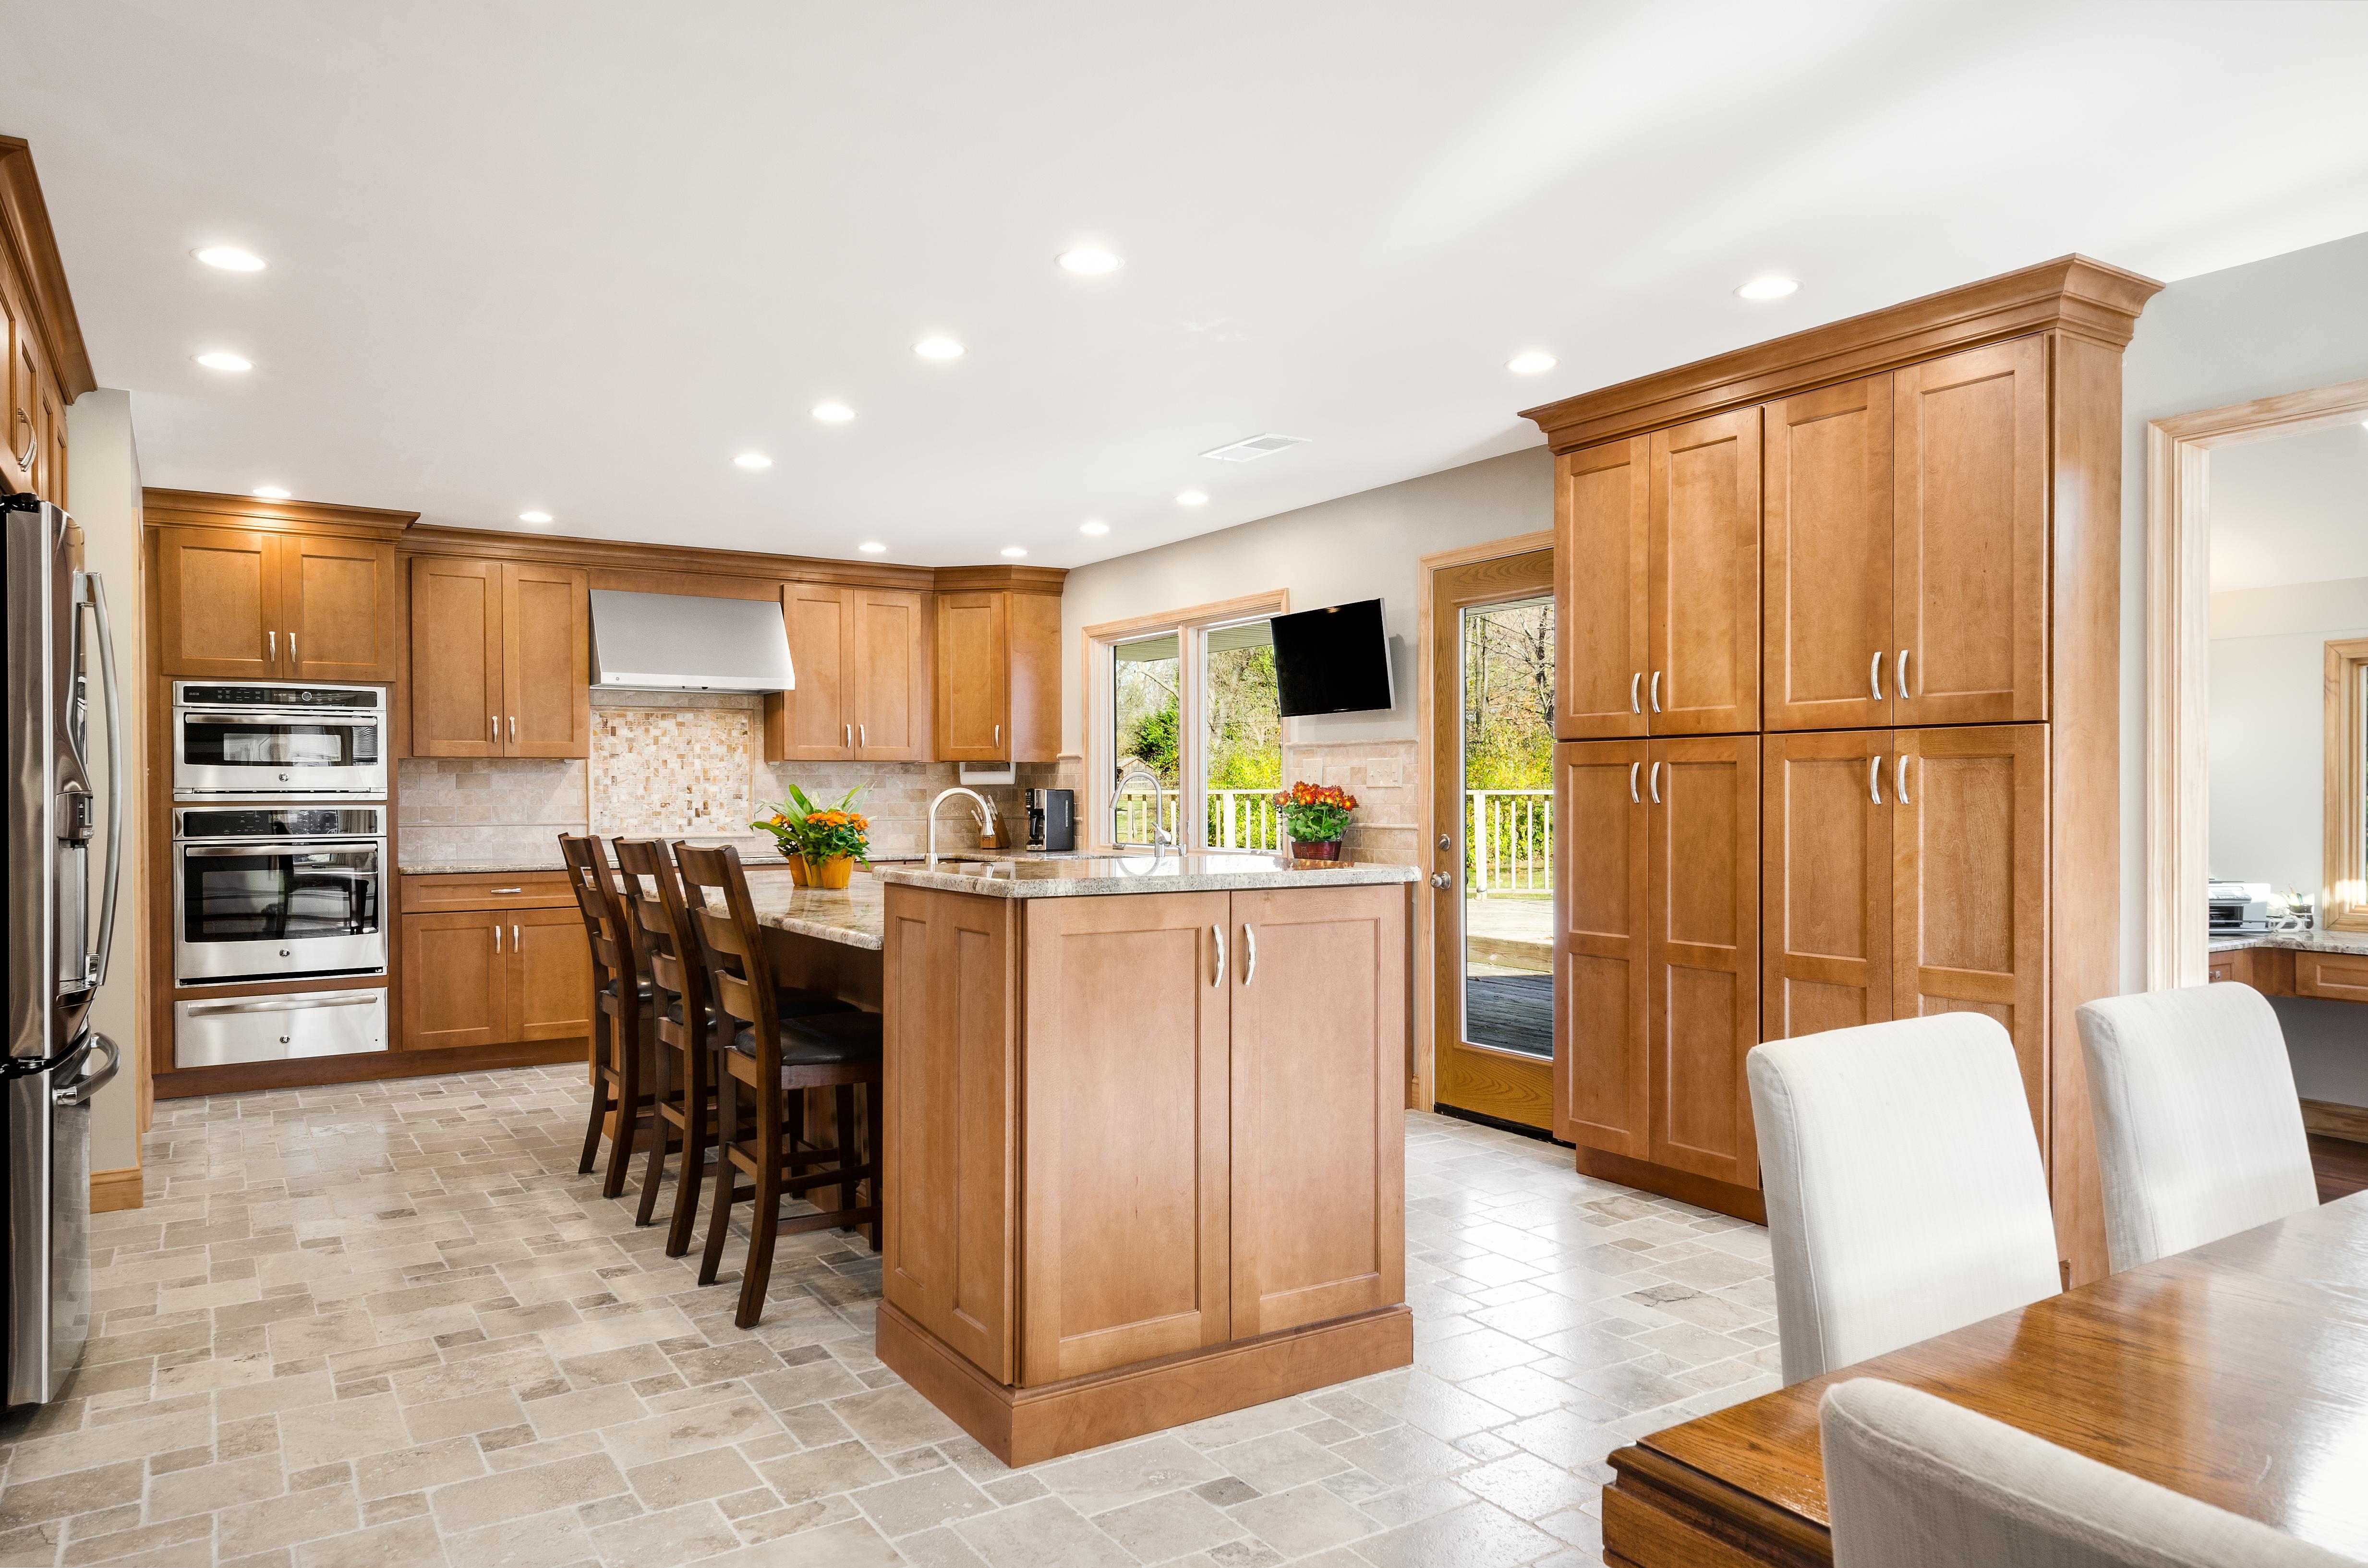 2106 Delcy Award Winning Kitchen Main Line Kitchen Design House